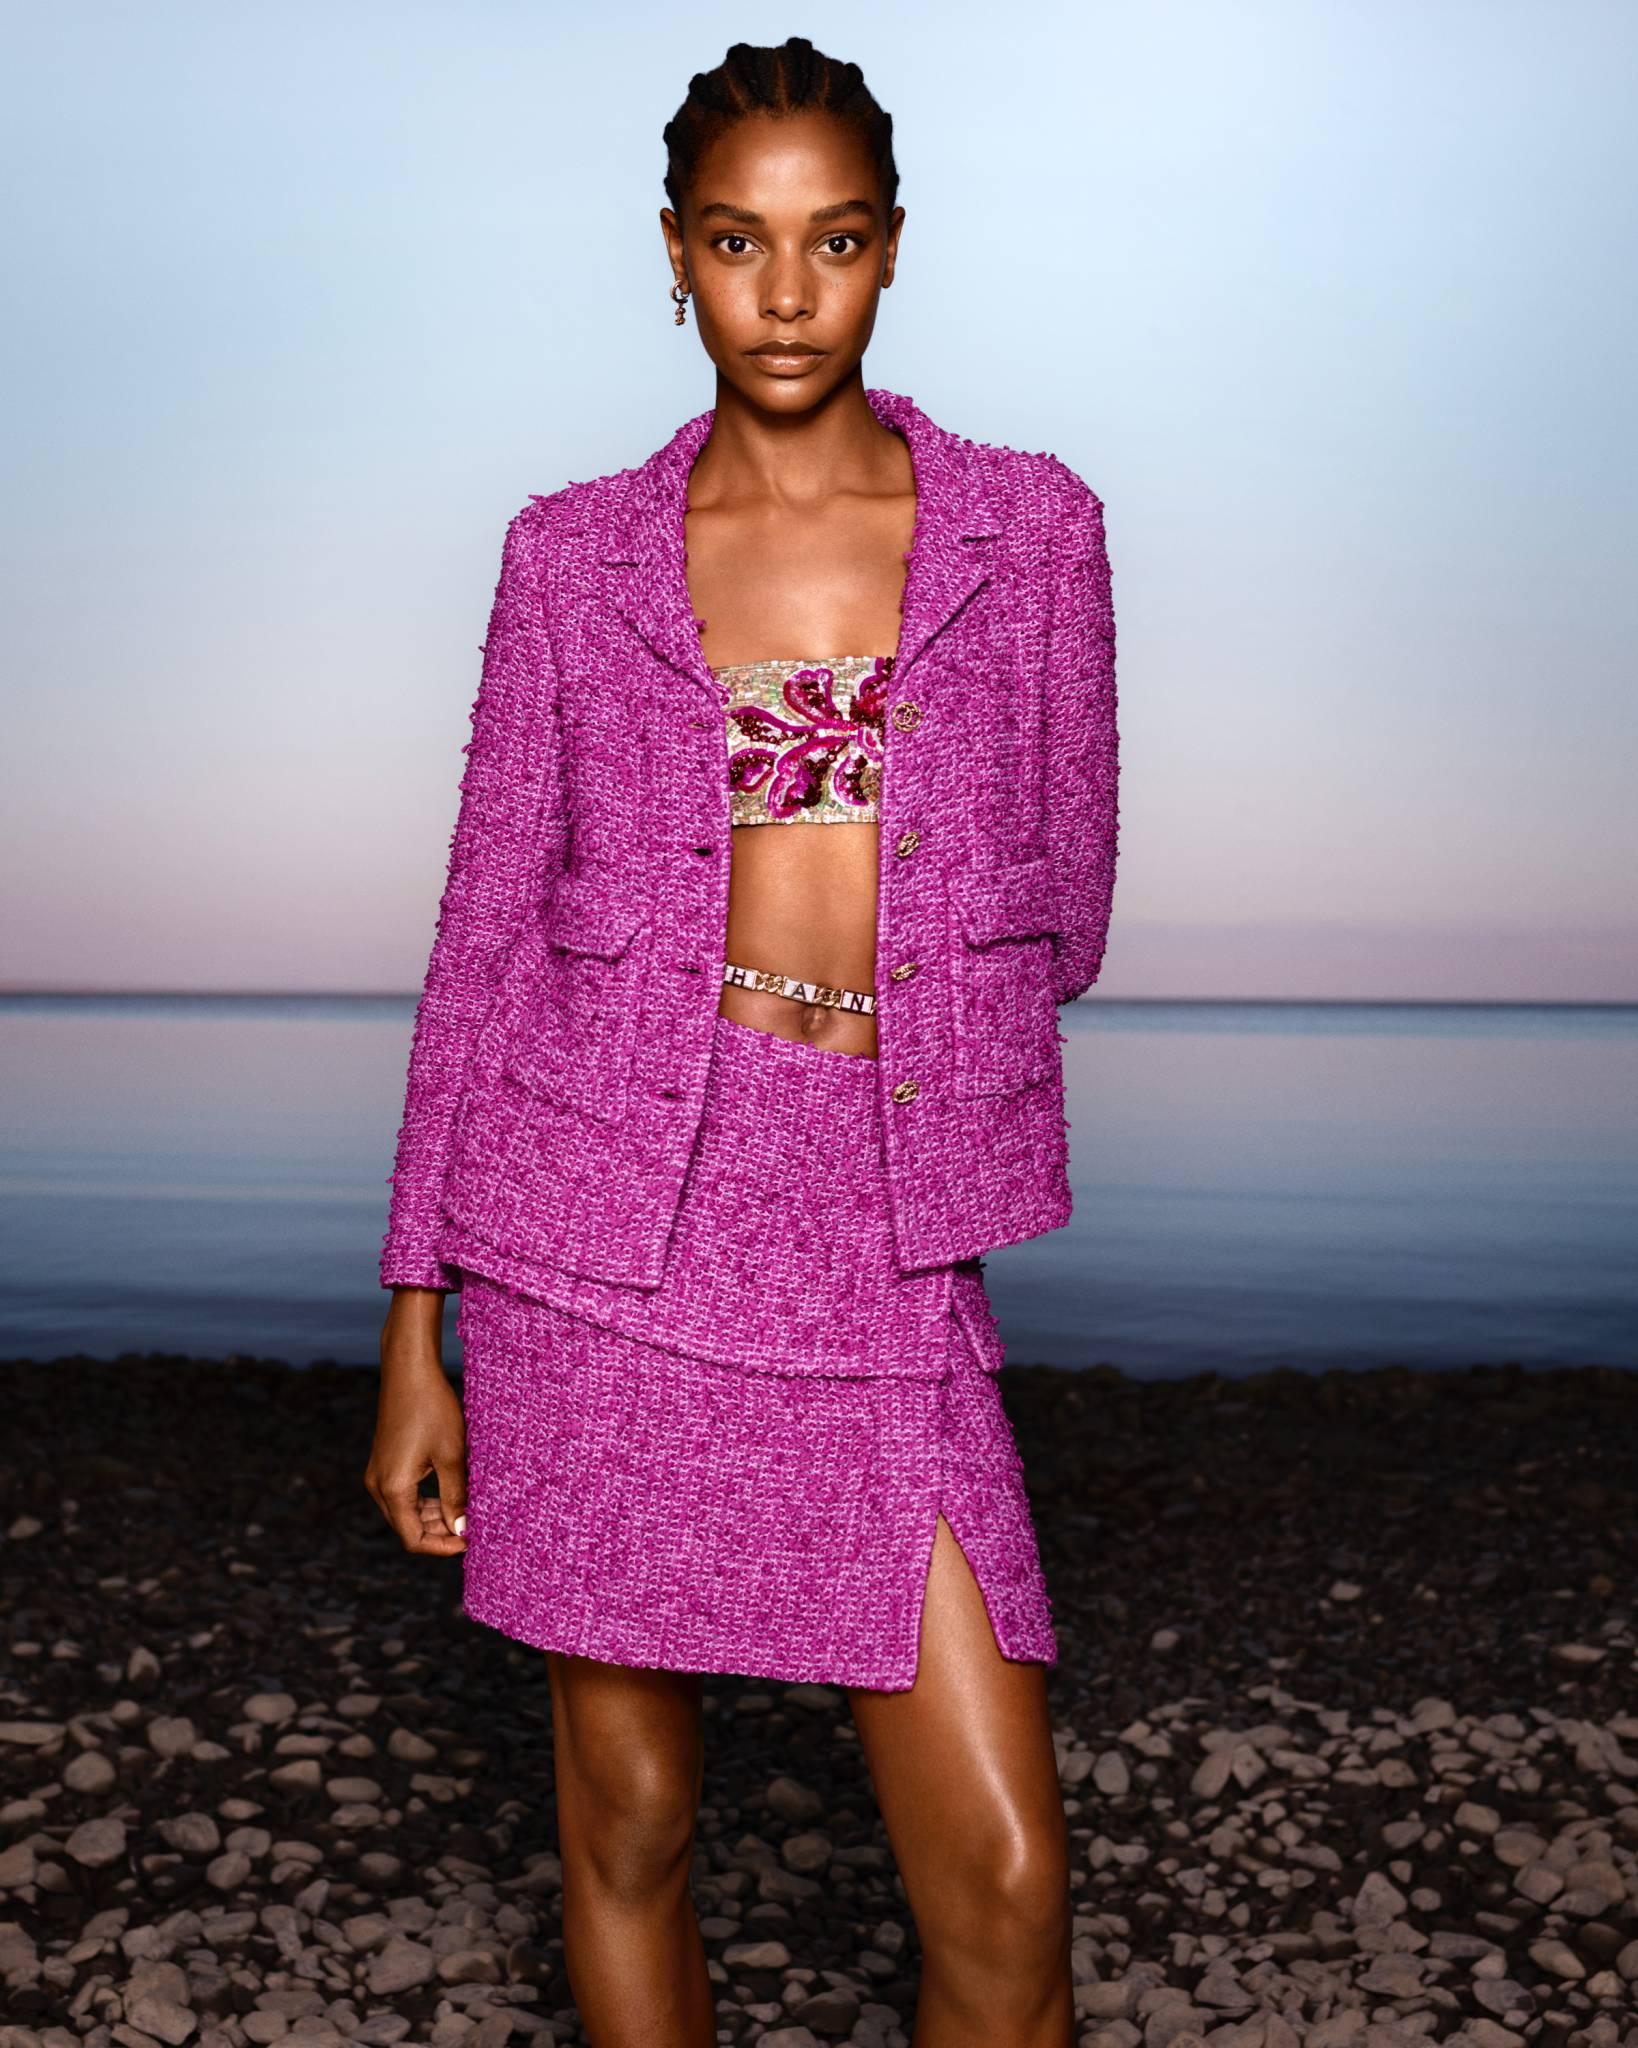 W stronę zachodzącego słońca. Kolekcja Chanel Cruise na lato 2020